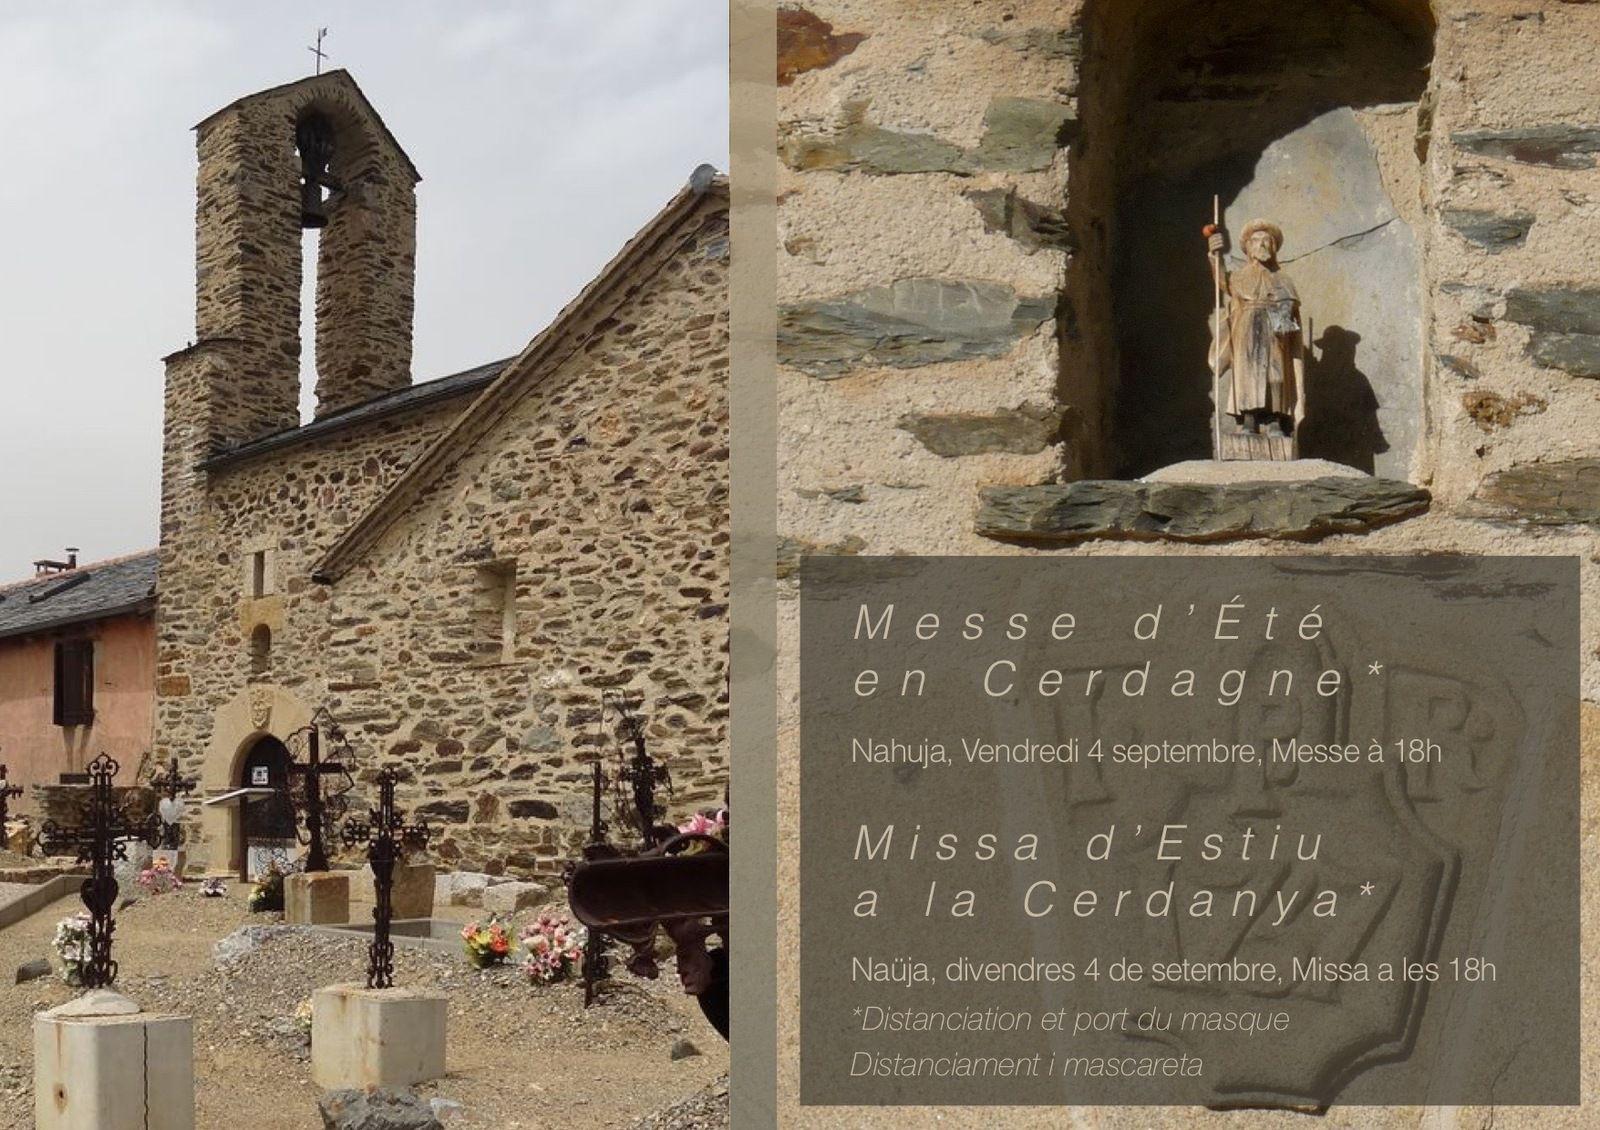 Messe d'Été en Cerdagne/Missa d'Estiu a la Cerdanya...